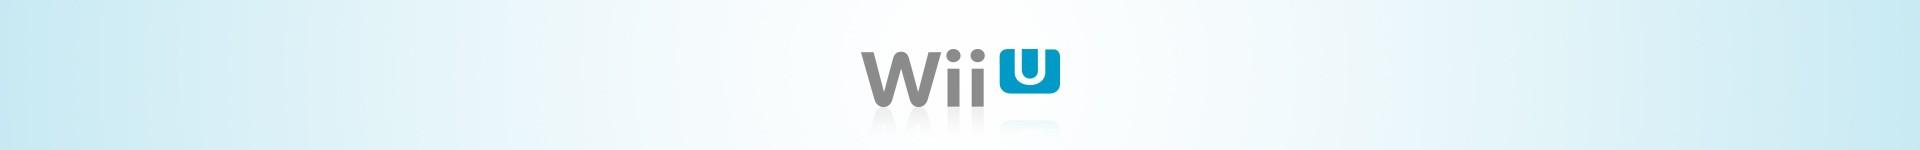 Køb Wii U spil hos Coolshop